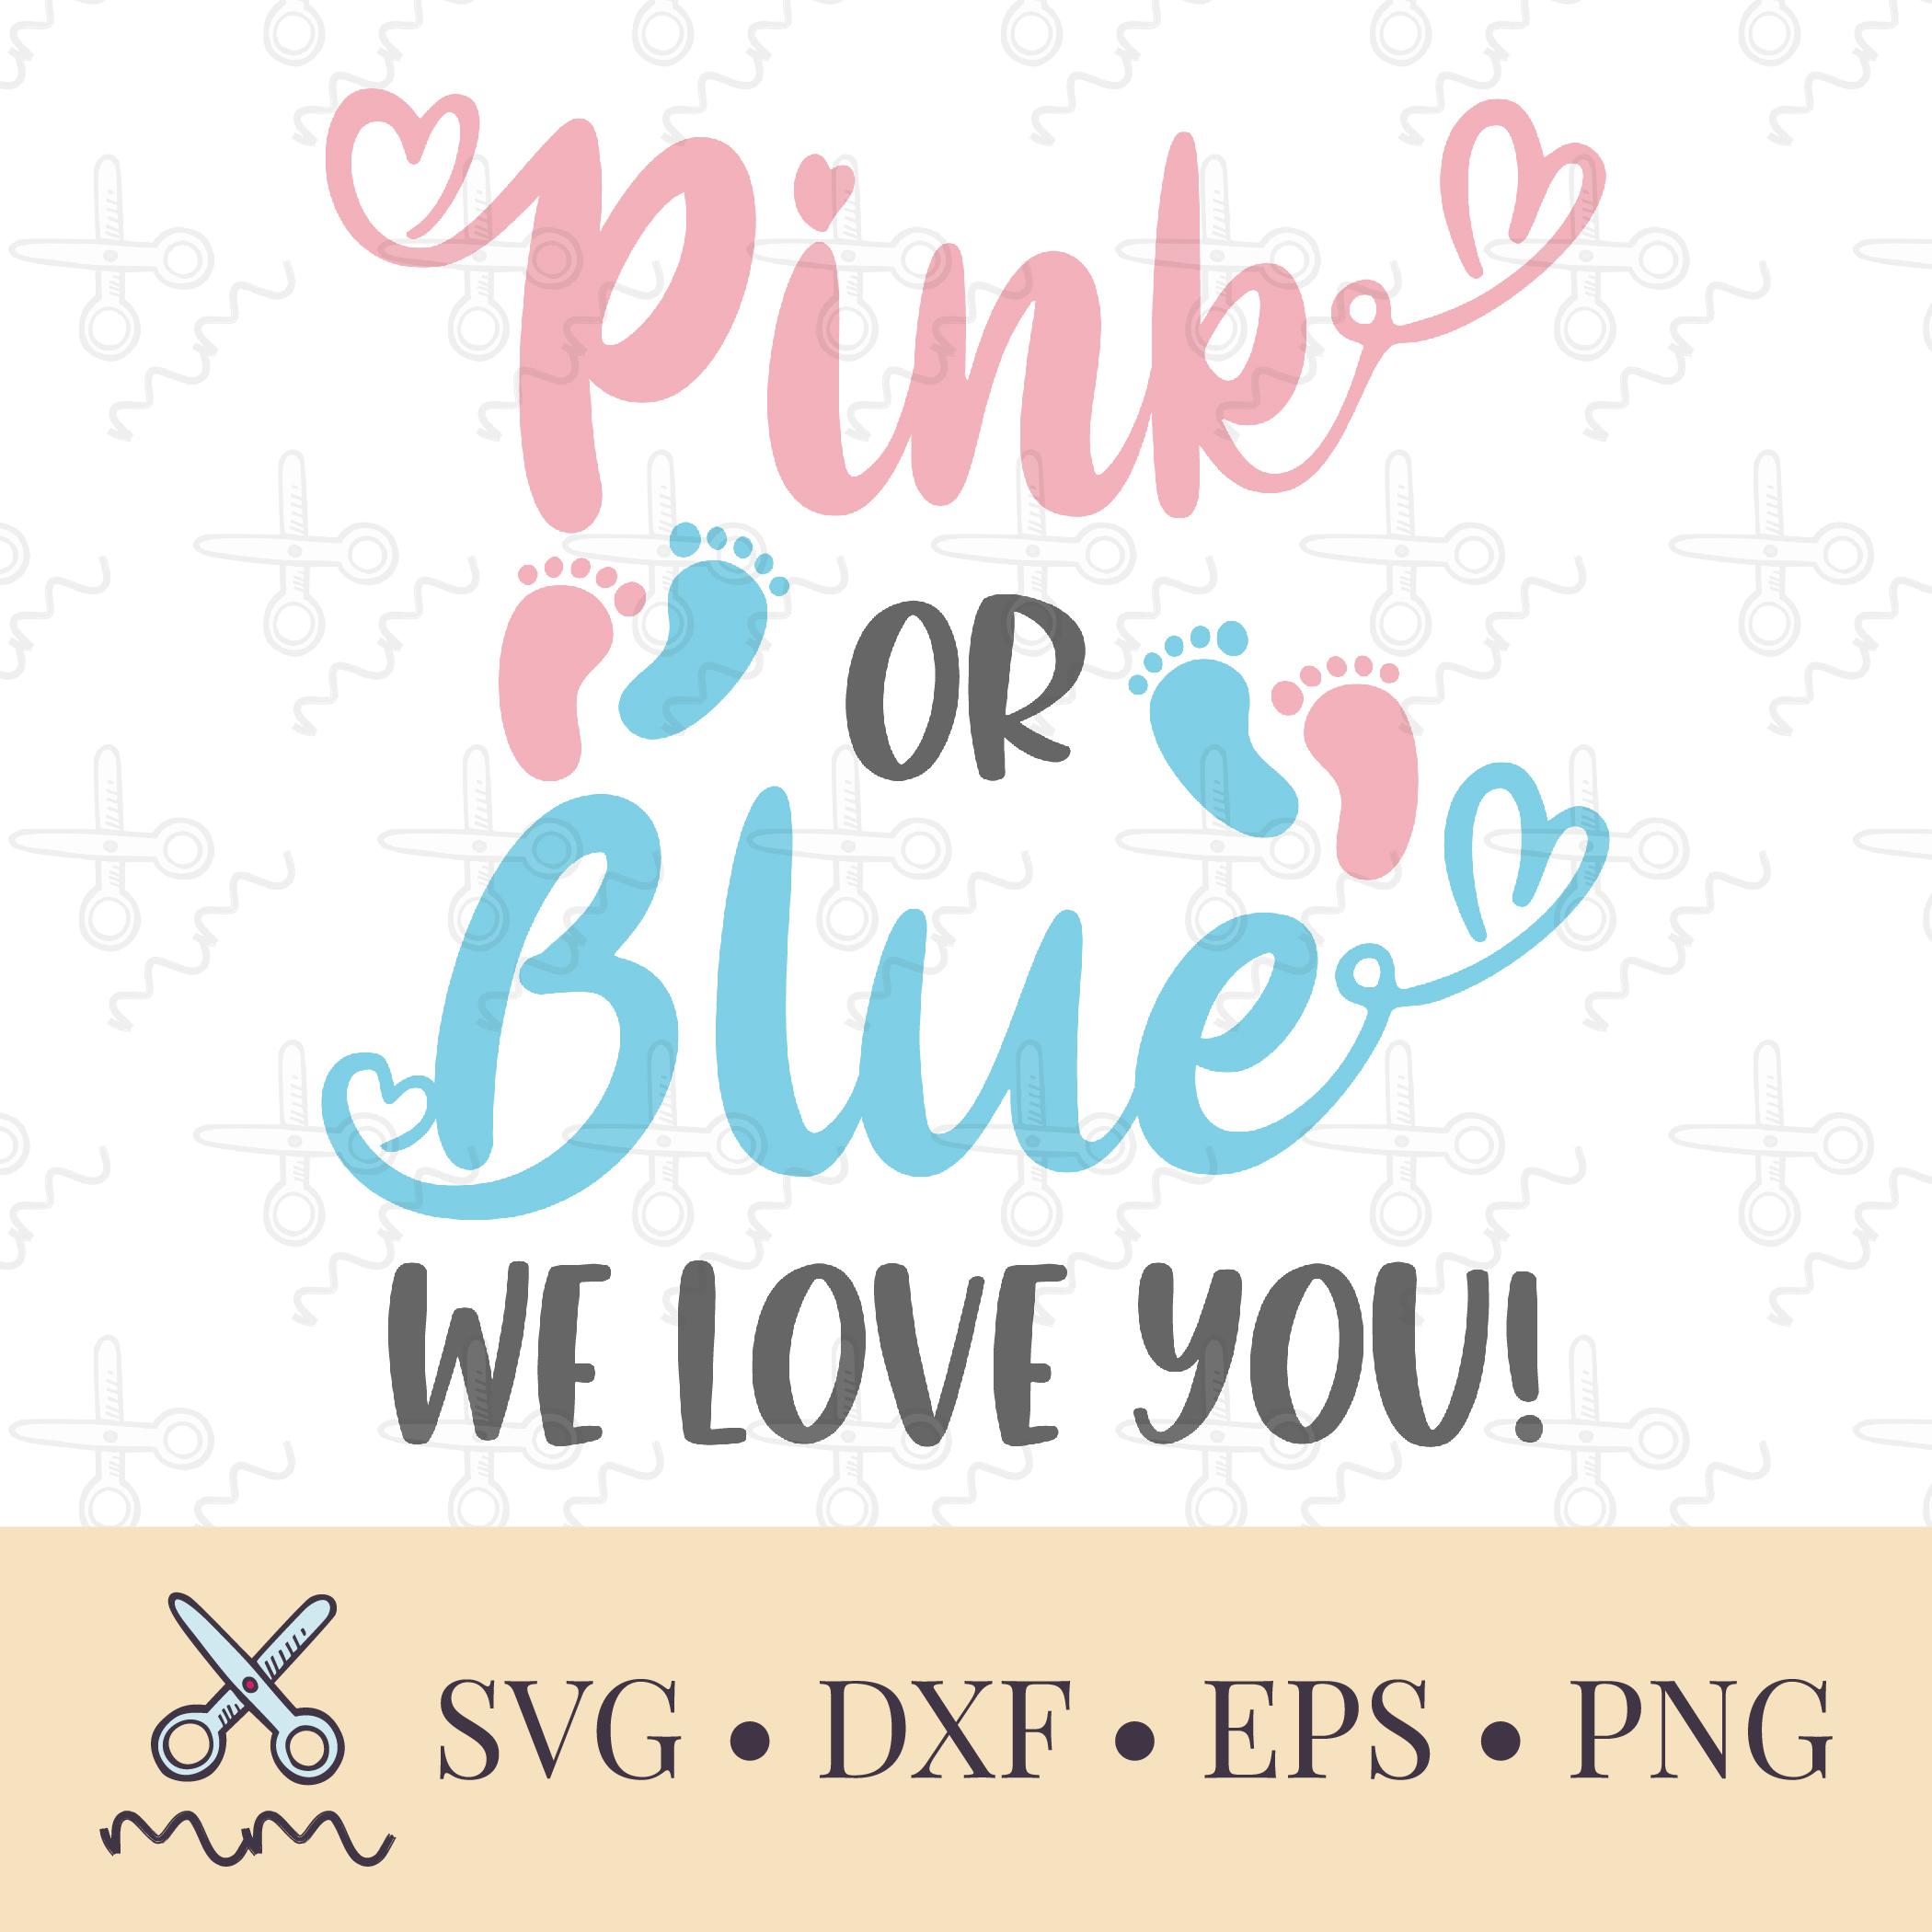 Download Pink or Blue We Love You SVG - The Modish Maker